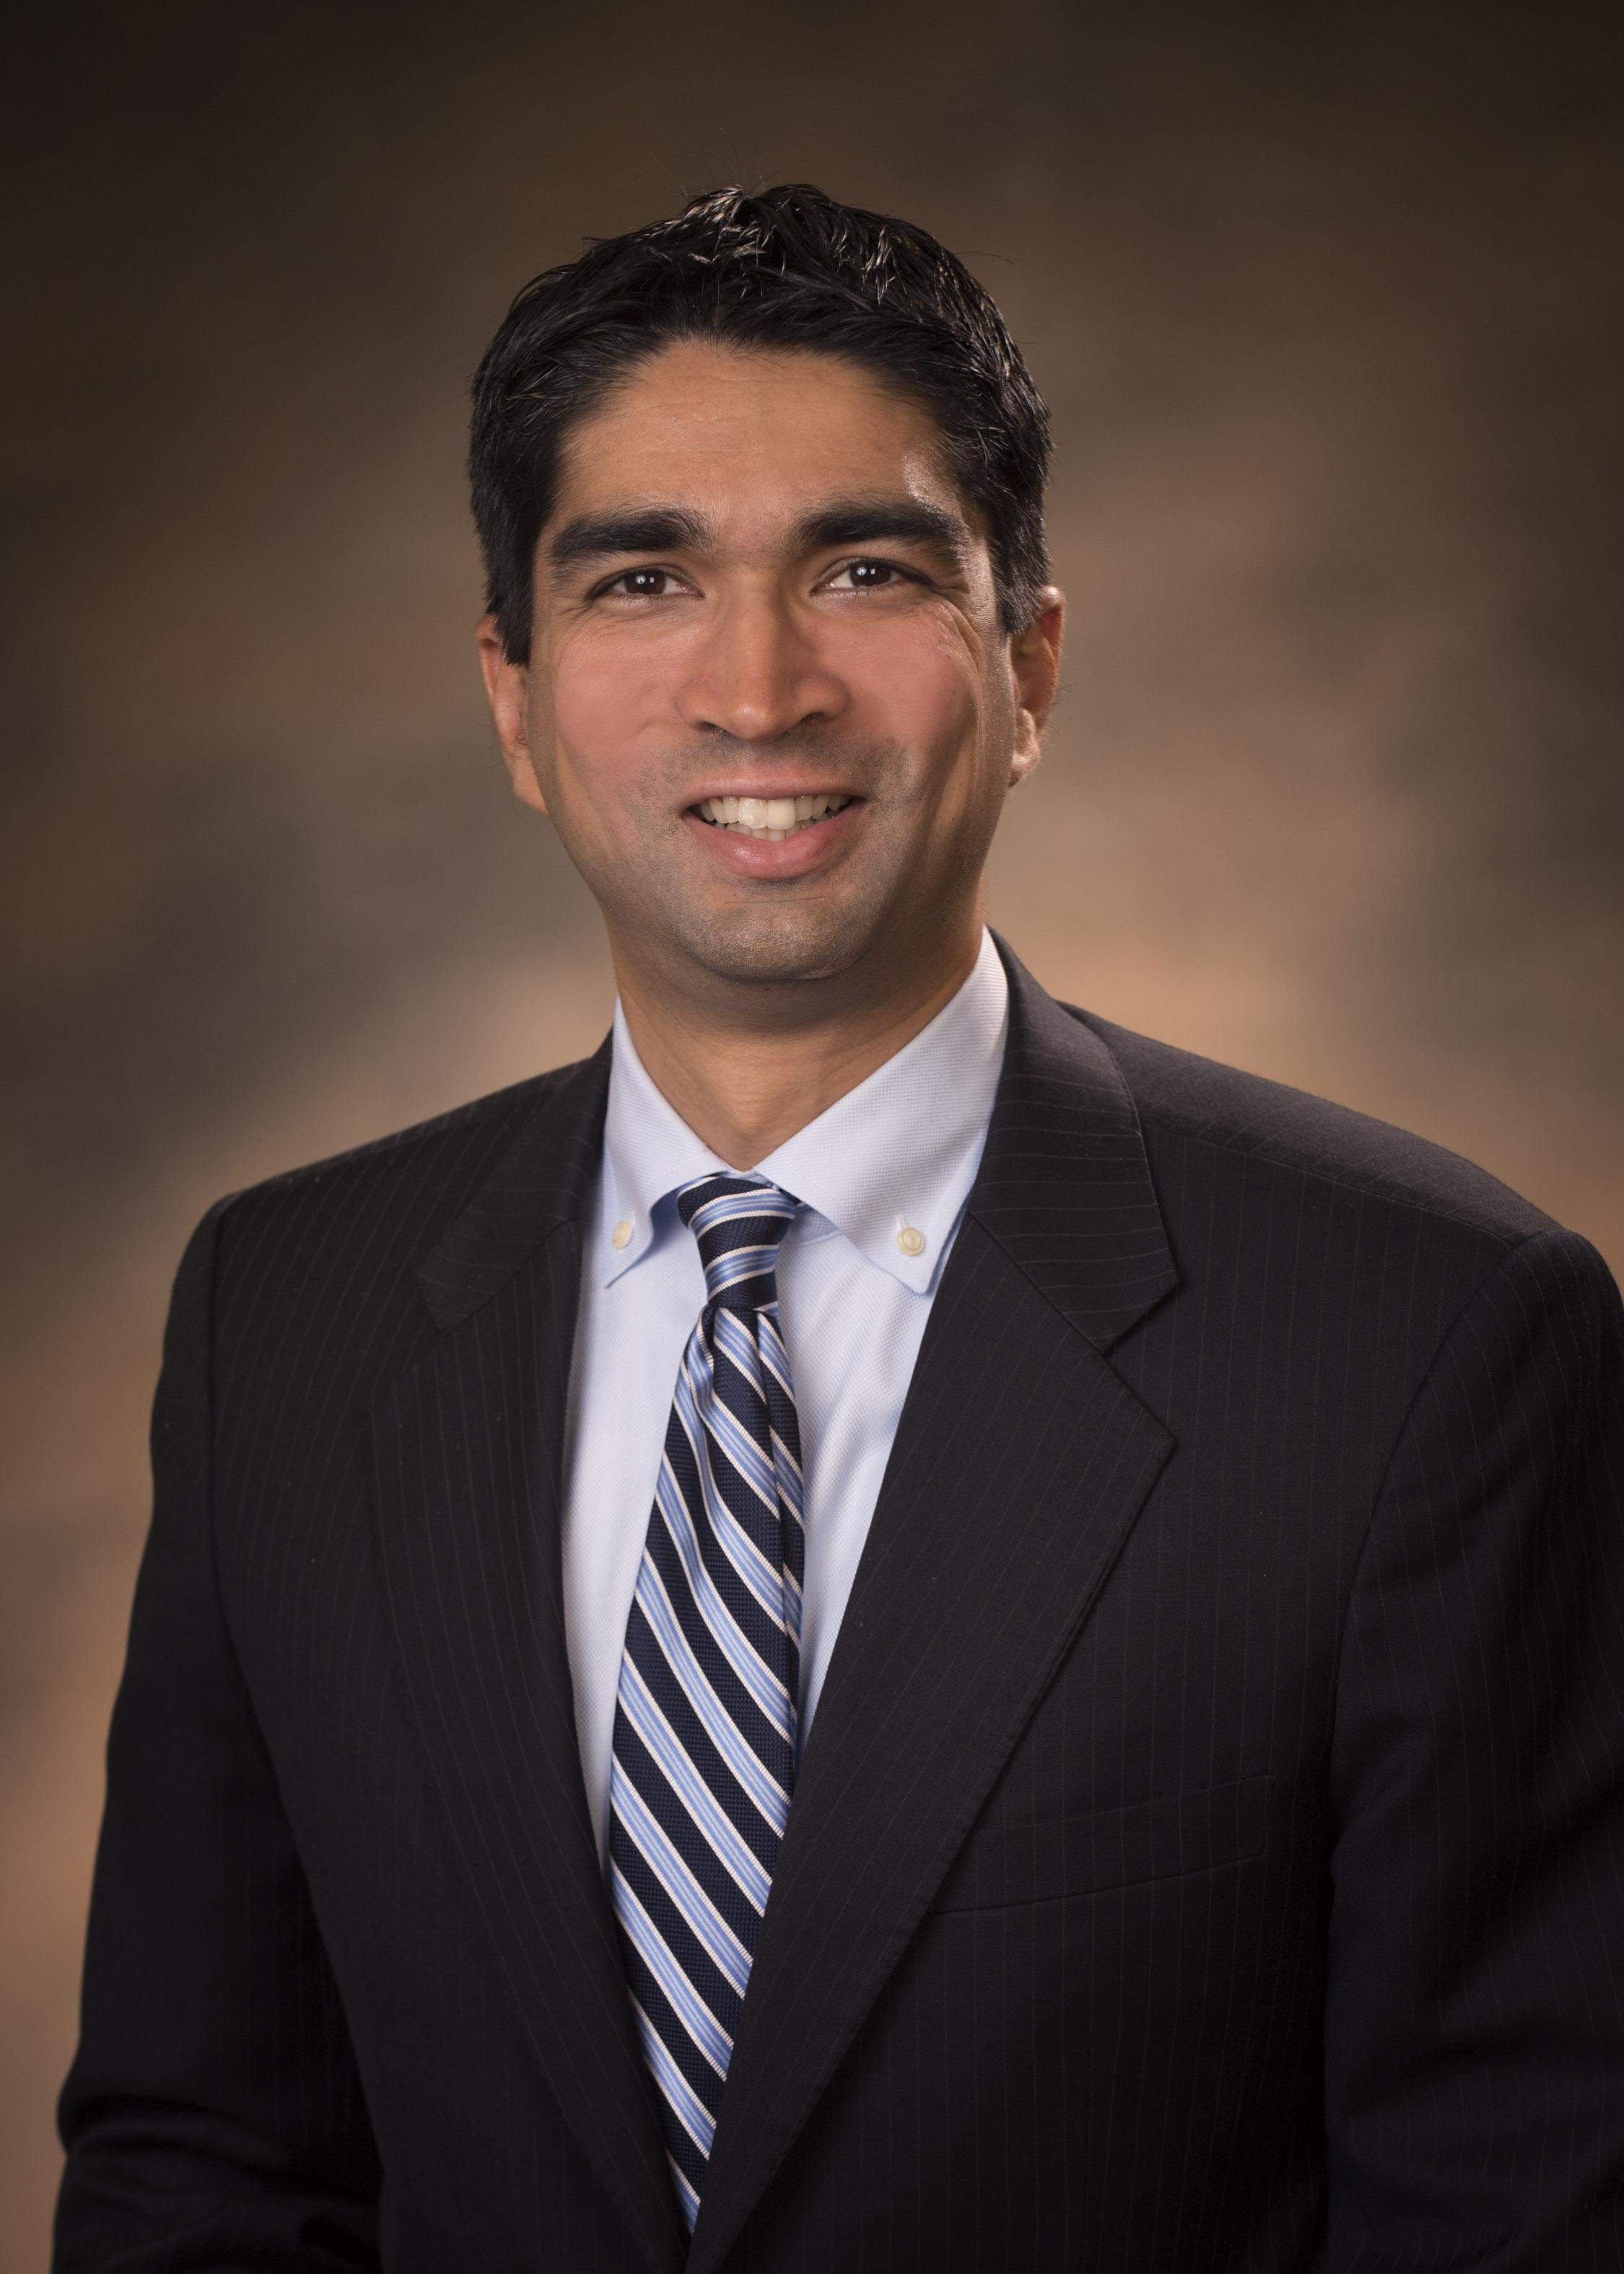 Amit N. Vora, MD, MPH